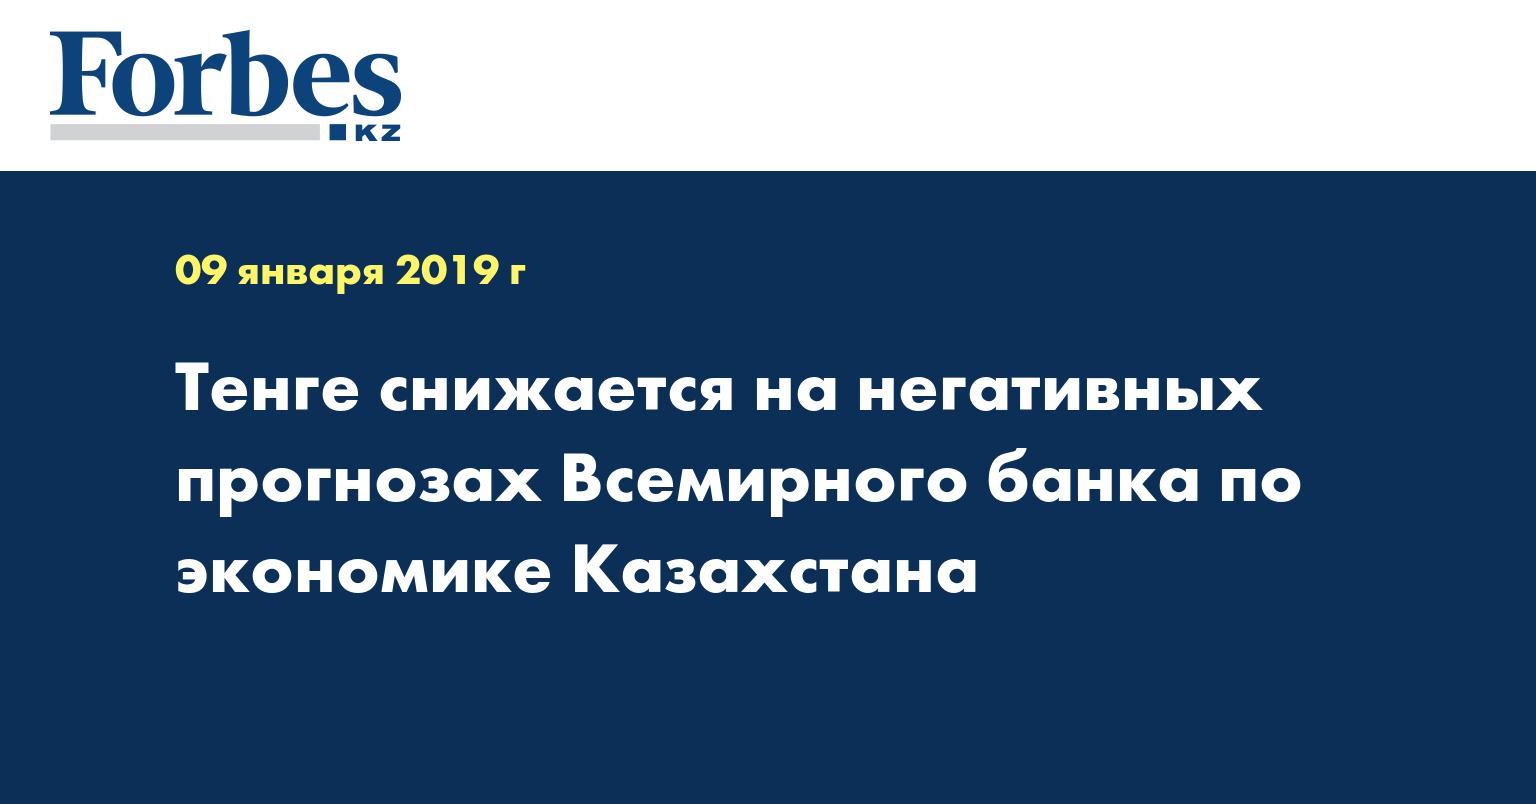 Тенге снижается на негативных прогнозах Всемирного банка по экономике Казахстана